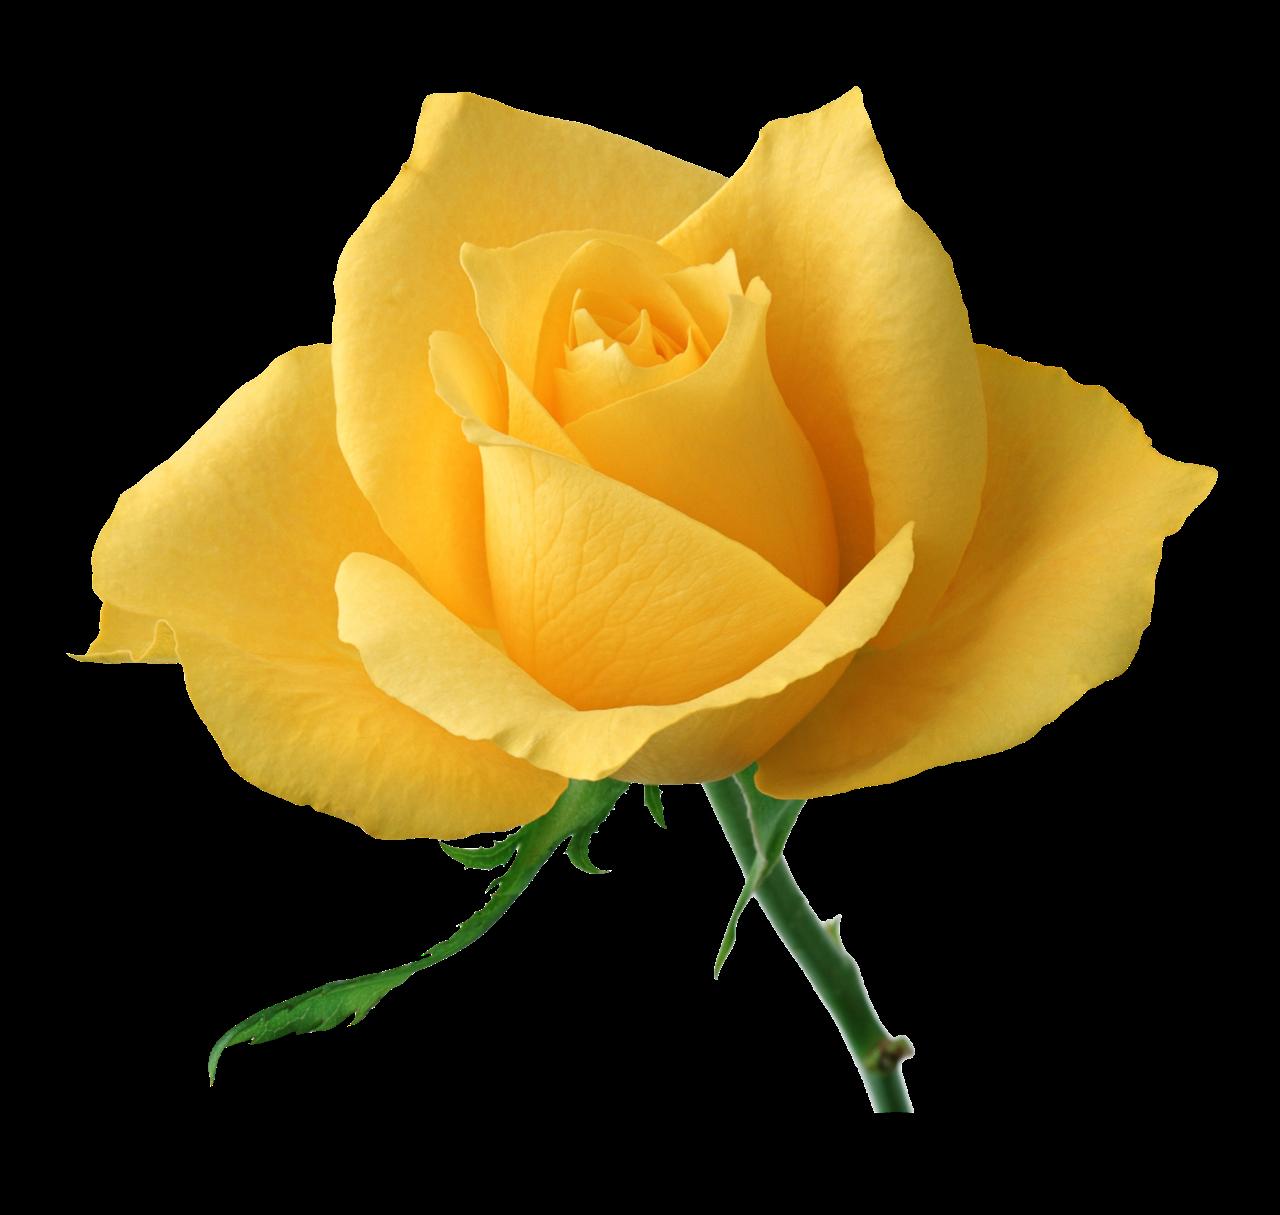 SARI+G%C3%9CL - Bugünkü çiçekler kime gitsin?